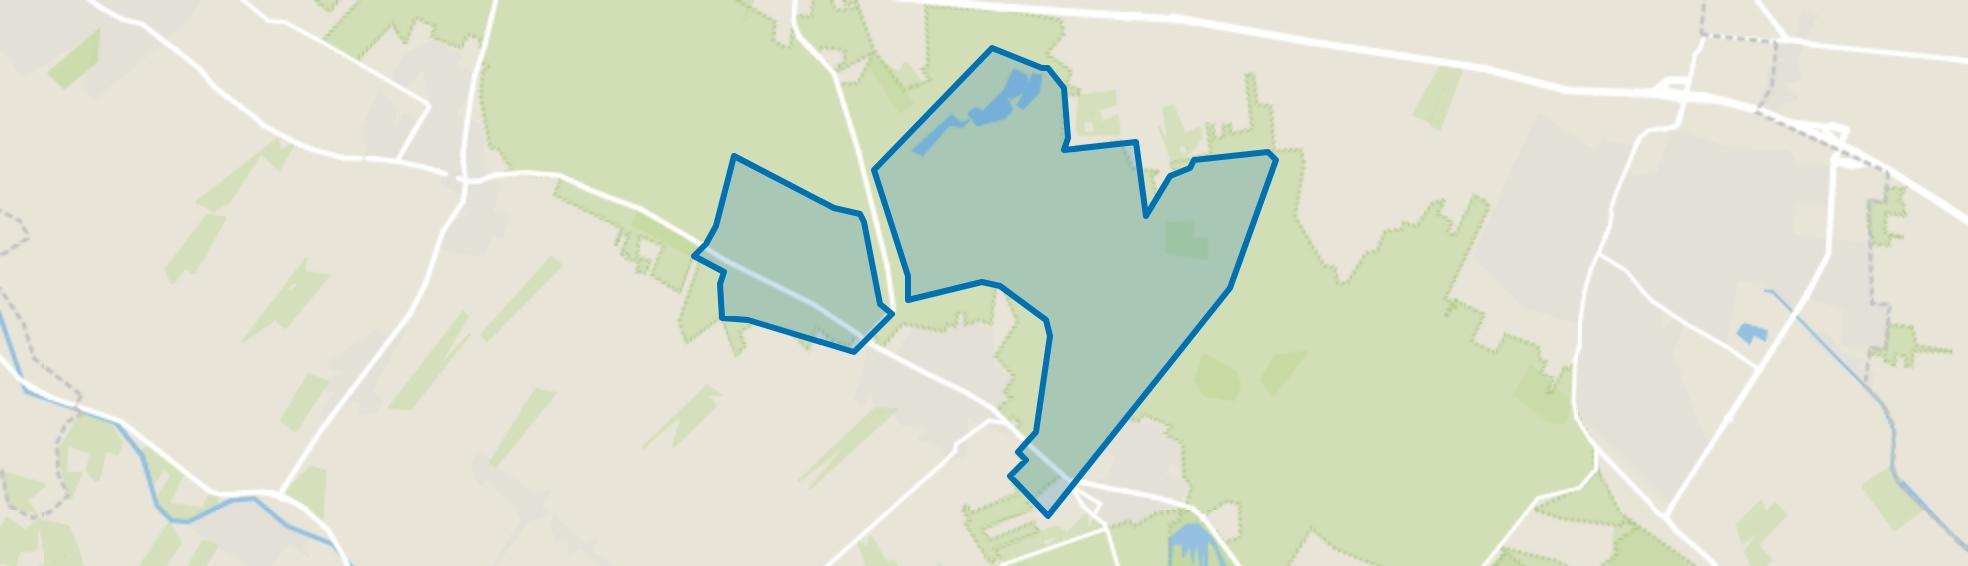 Verspreide huizen op de Heuvelrug, Leersum map